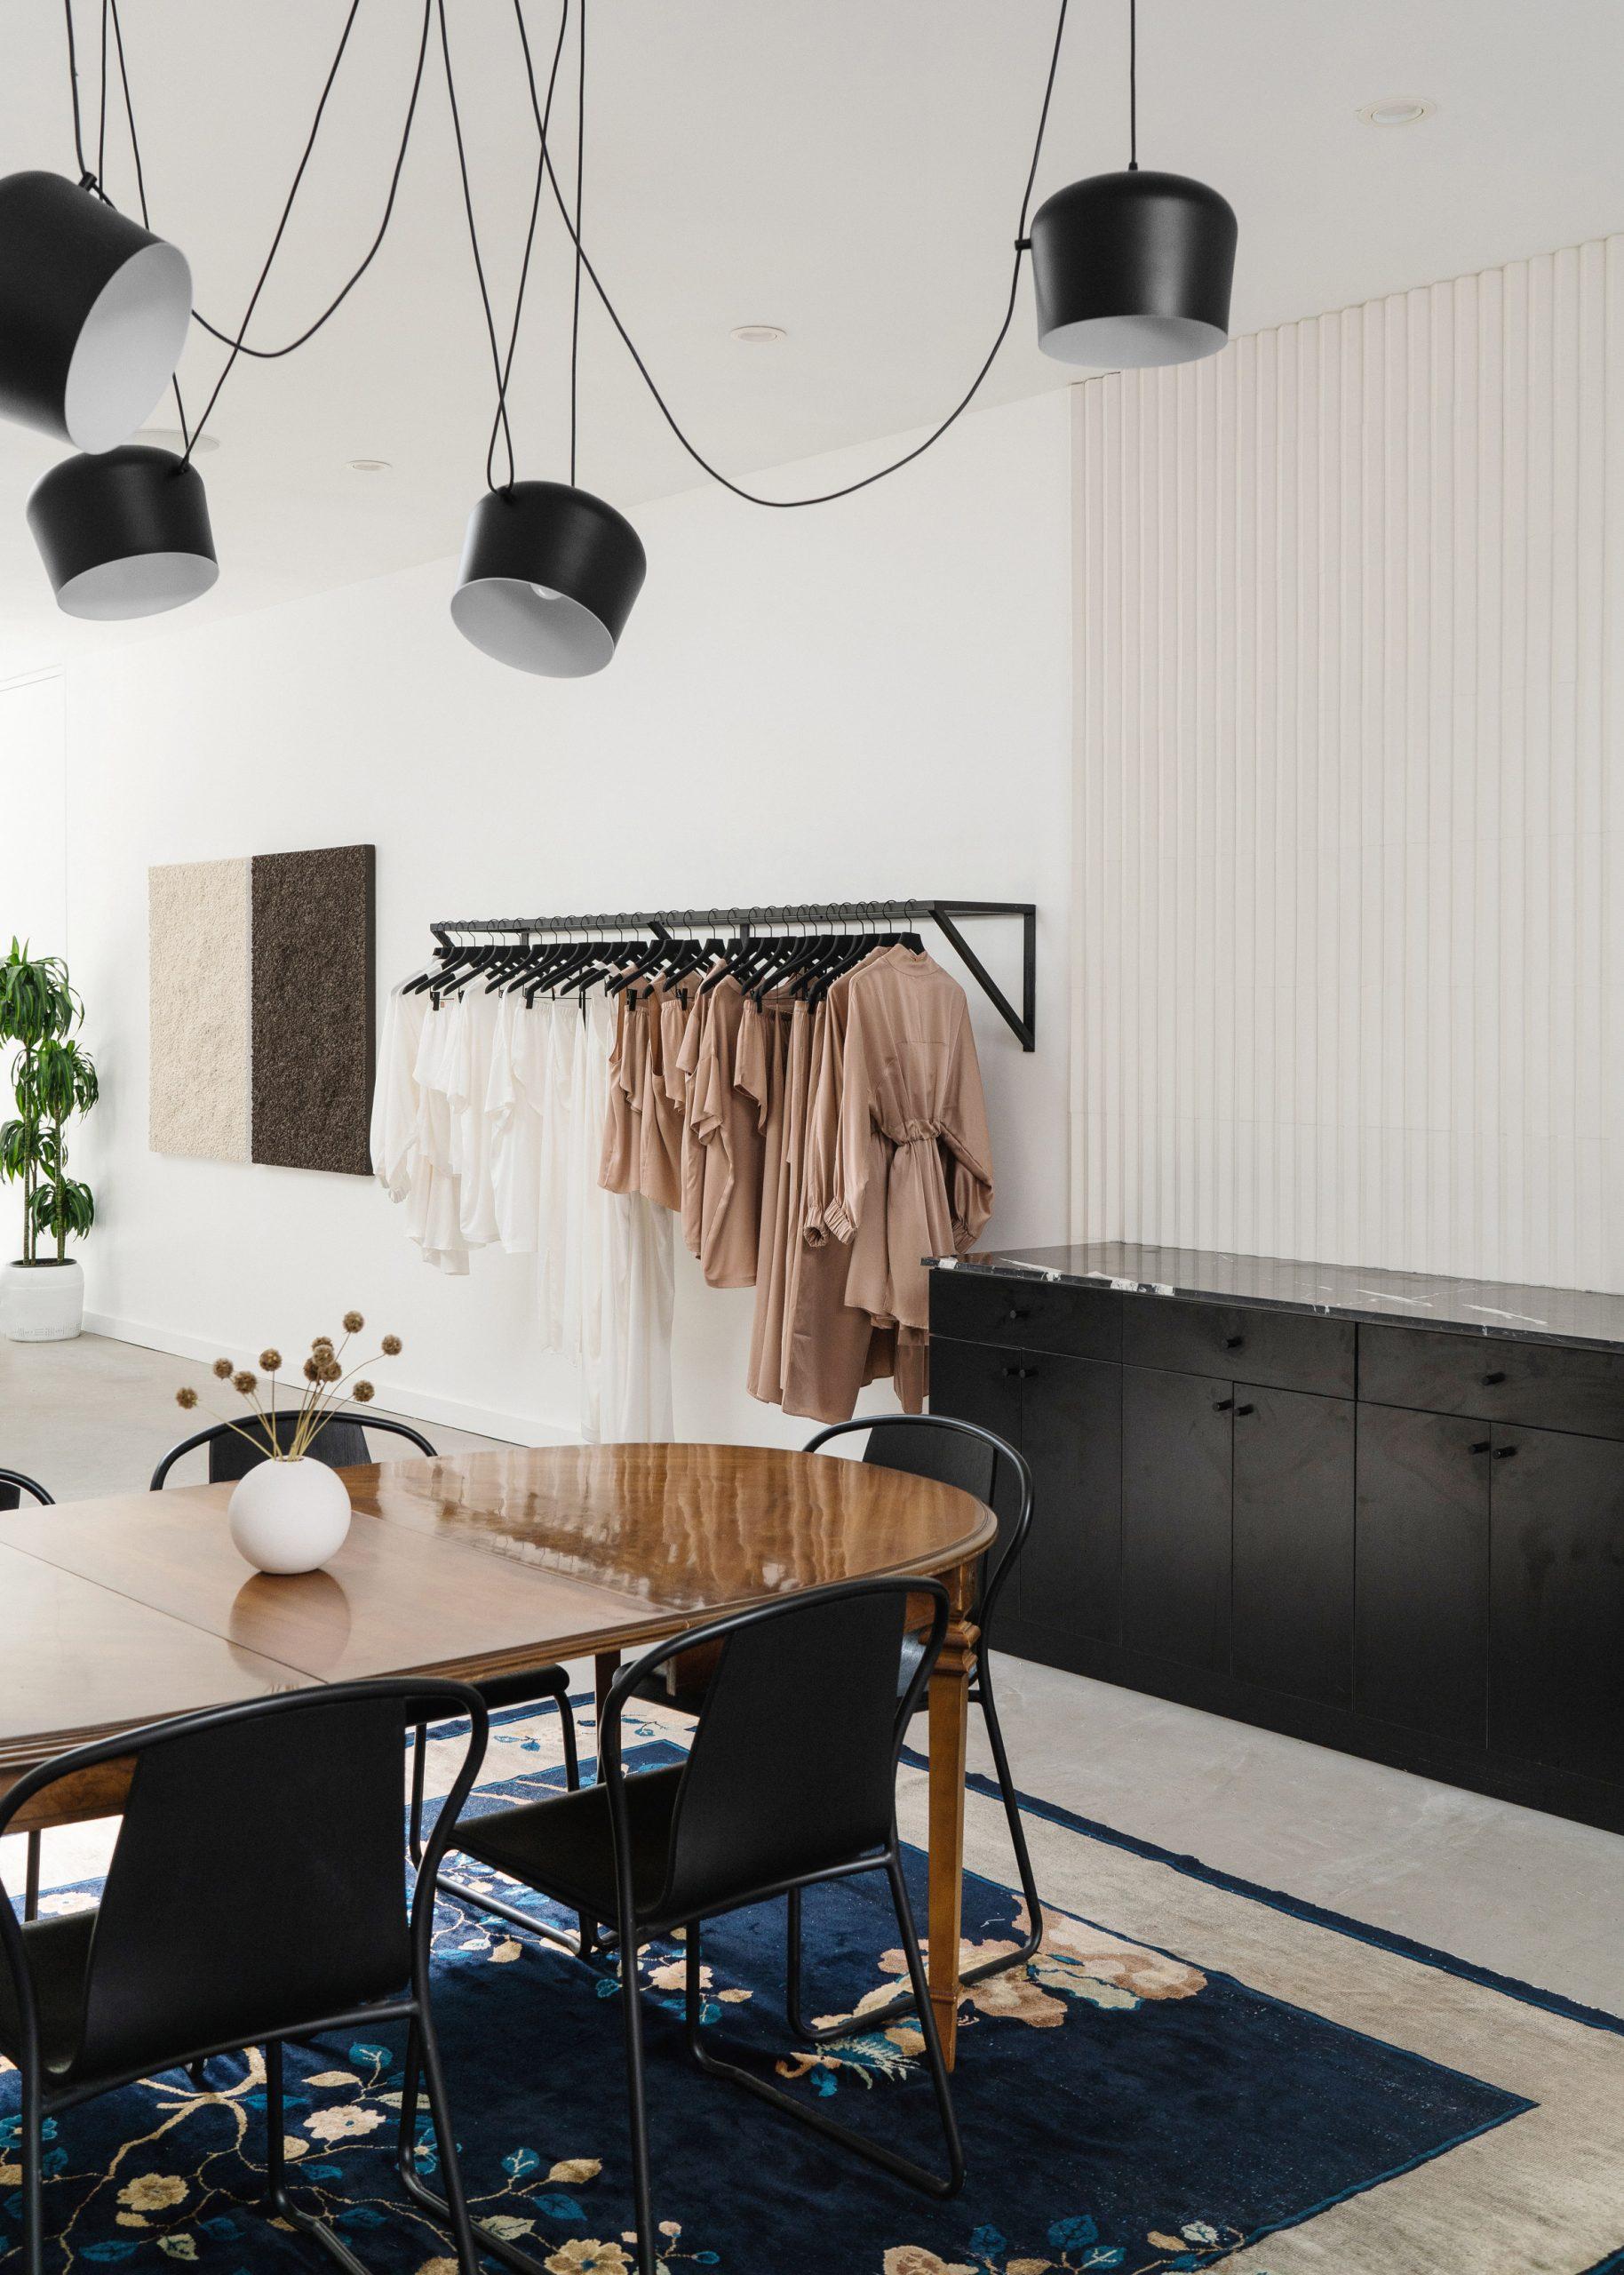 Thiết kế nội thất chung cư hiện đại 4